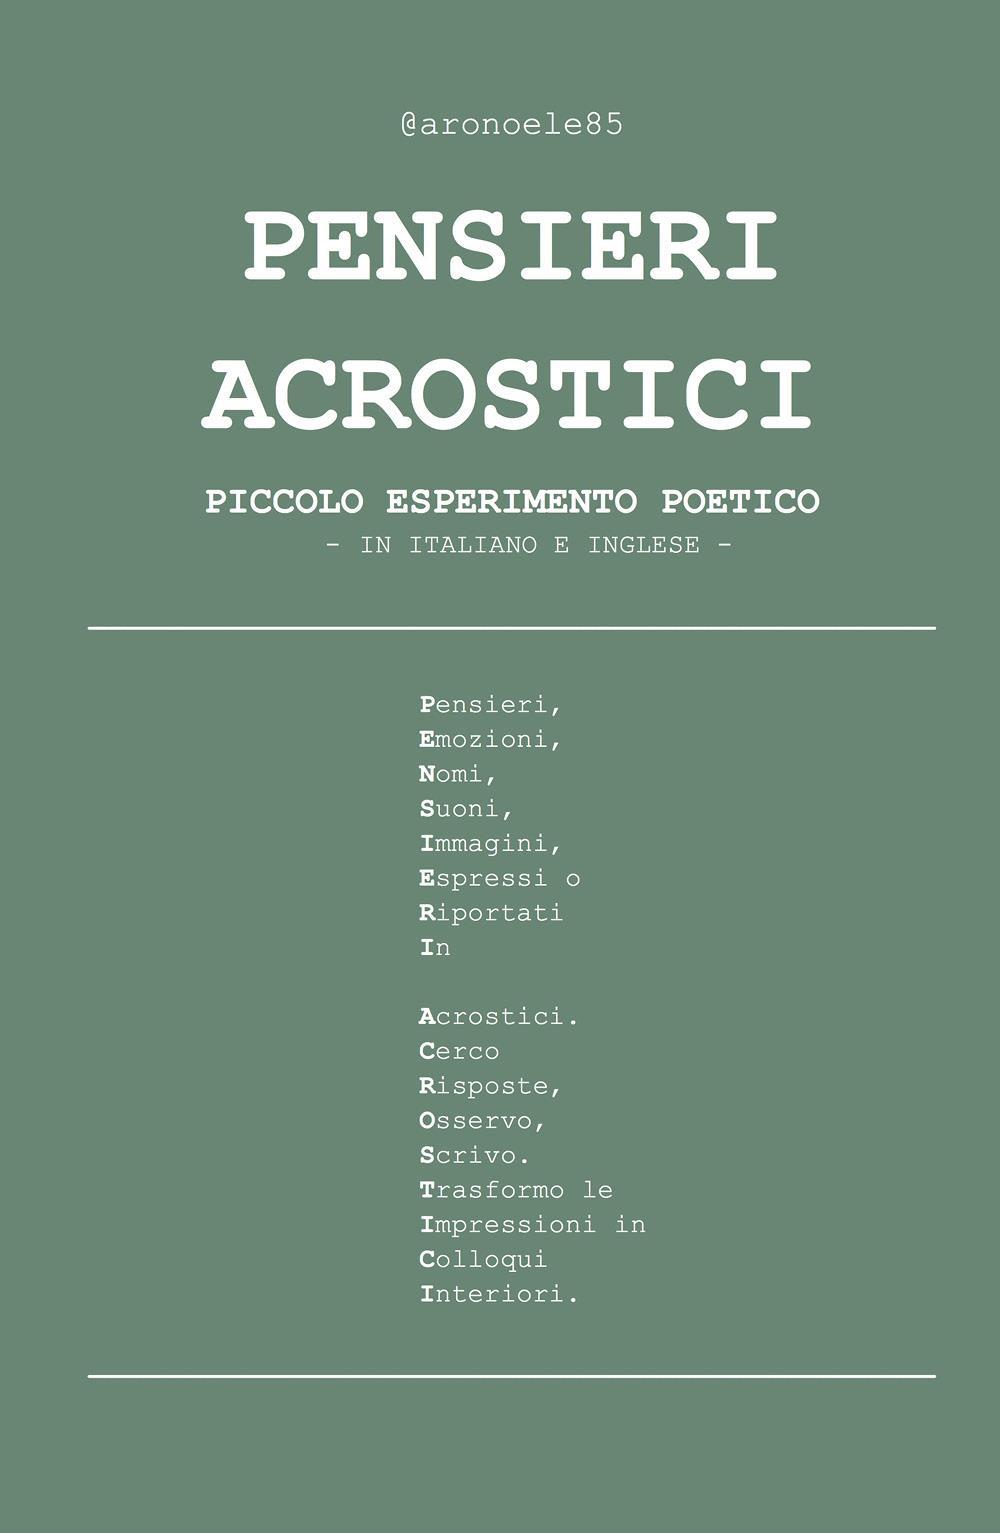 Pensieri acrostici - piccolo esperimento poetico in italiano e inglese